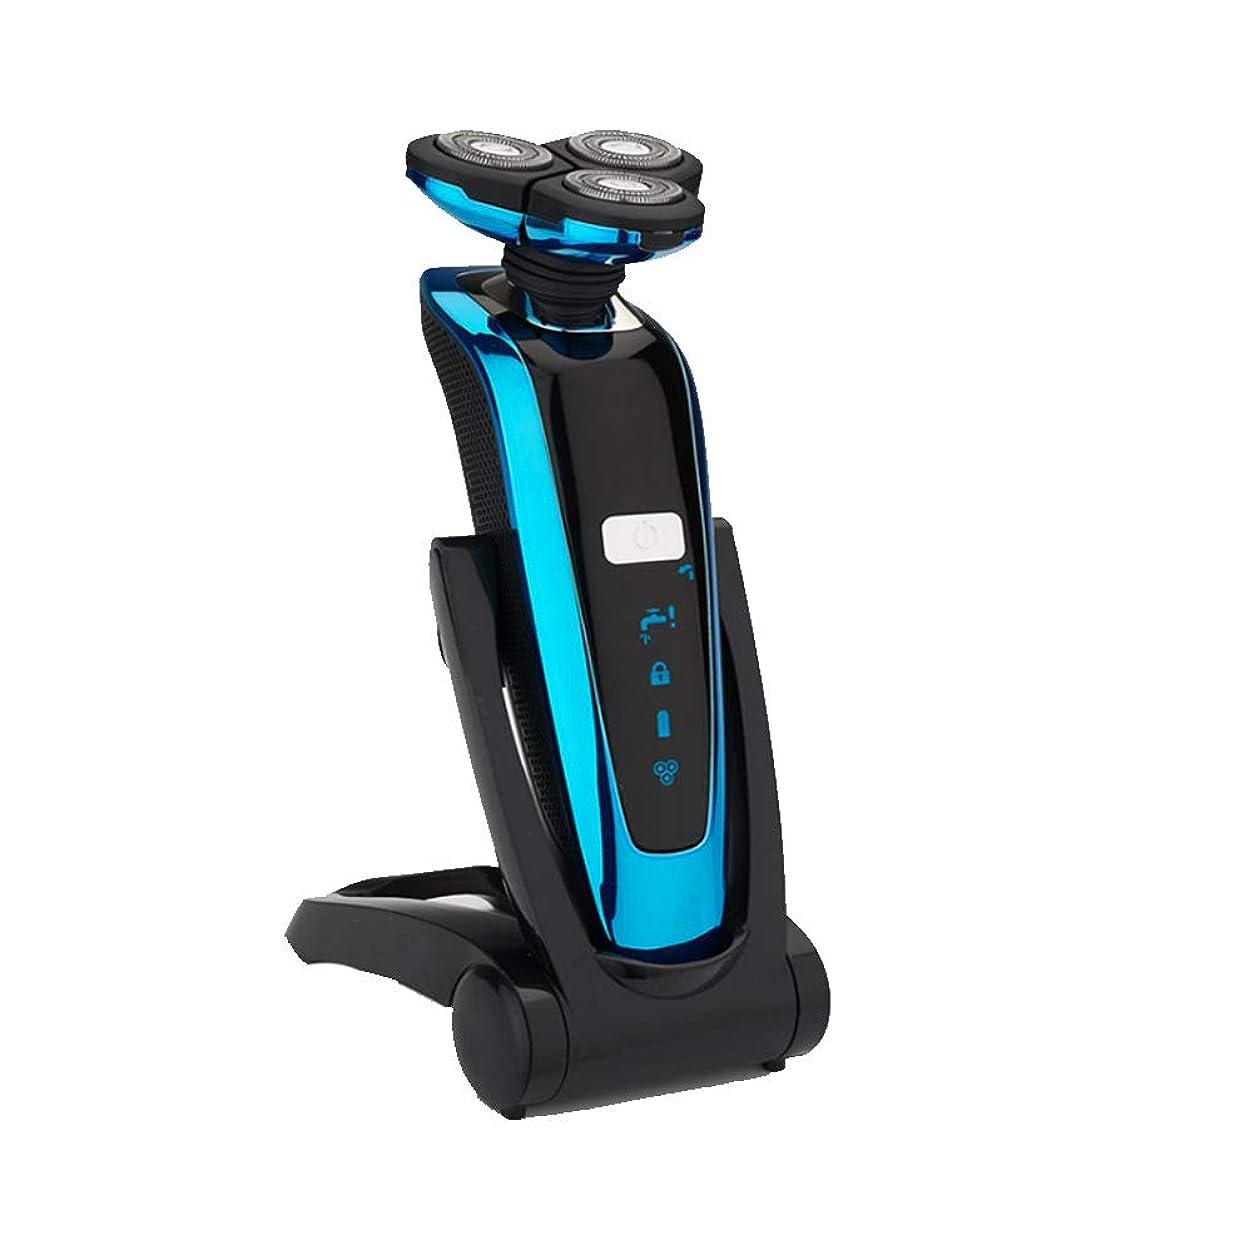 保護優雅精度電気かみそり、ウェット&ドライメンズ電気ロータリーかみそり2019更新バージョン充電式防水コードレス多機能グルーミングキット,Blue